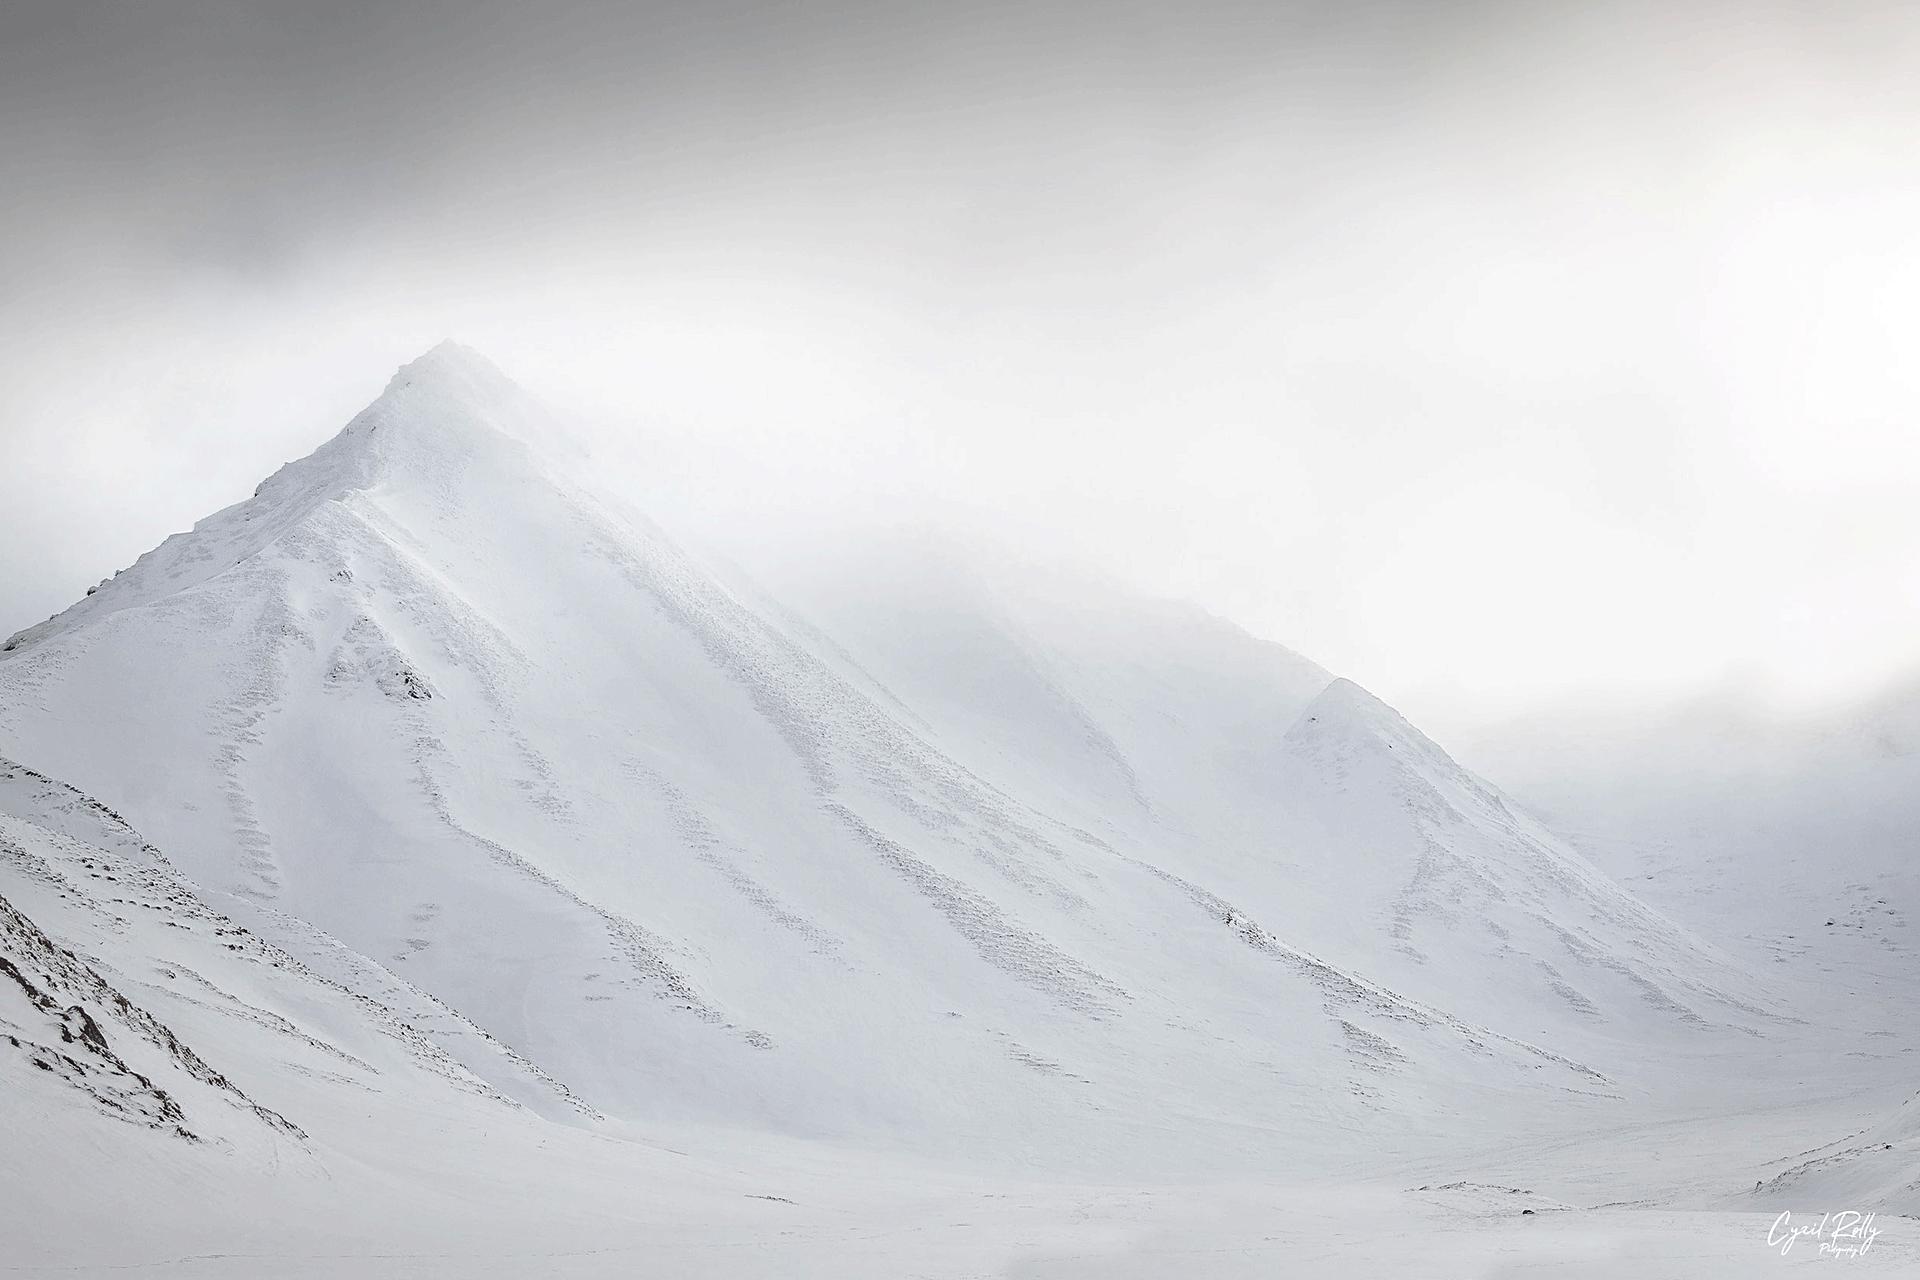 Polar Mountain